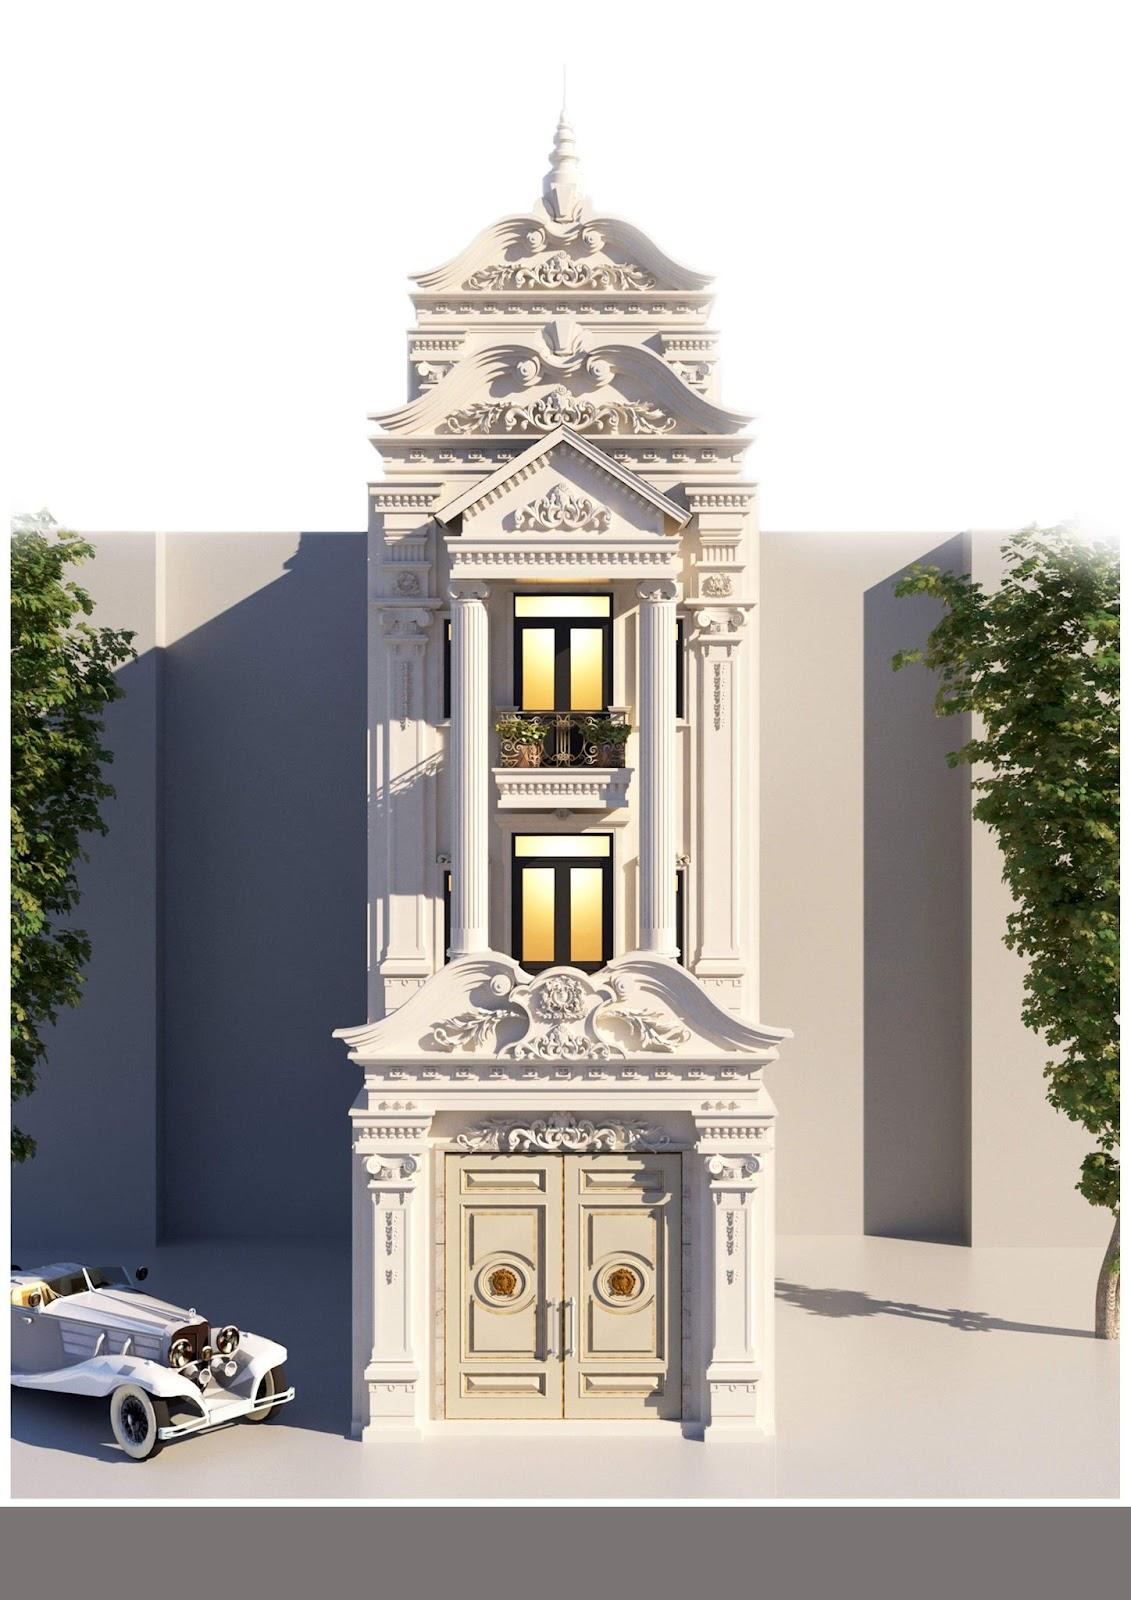 Mẫu nhà 3 tầng 4 phòng ngủ theo phong cách cổ điển